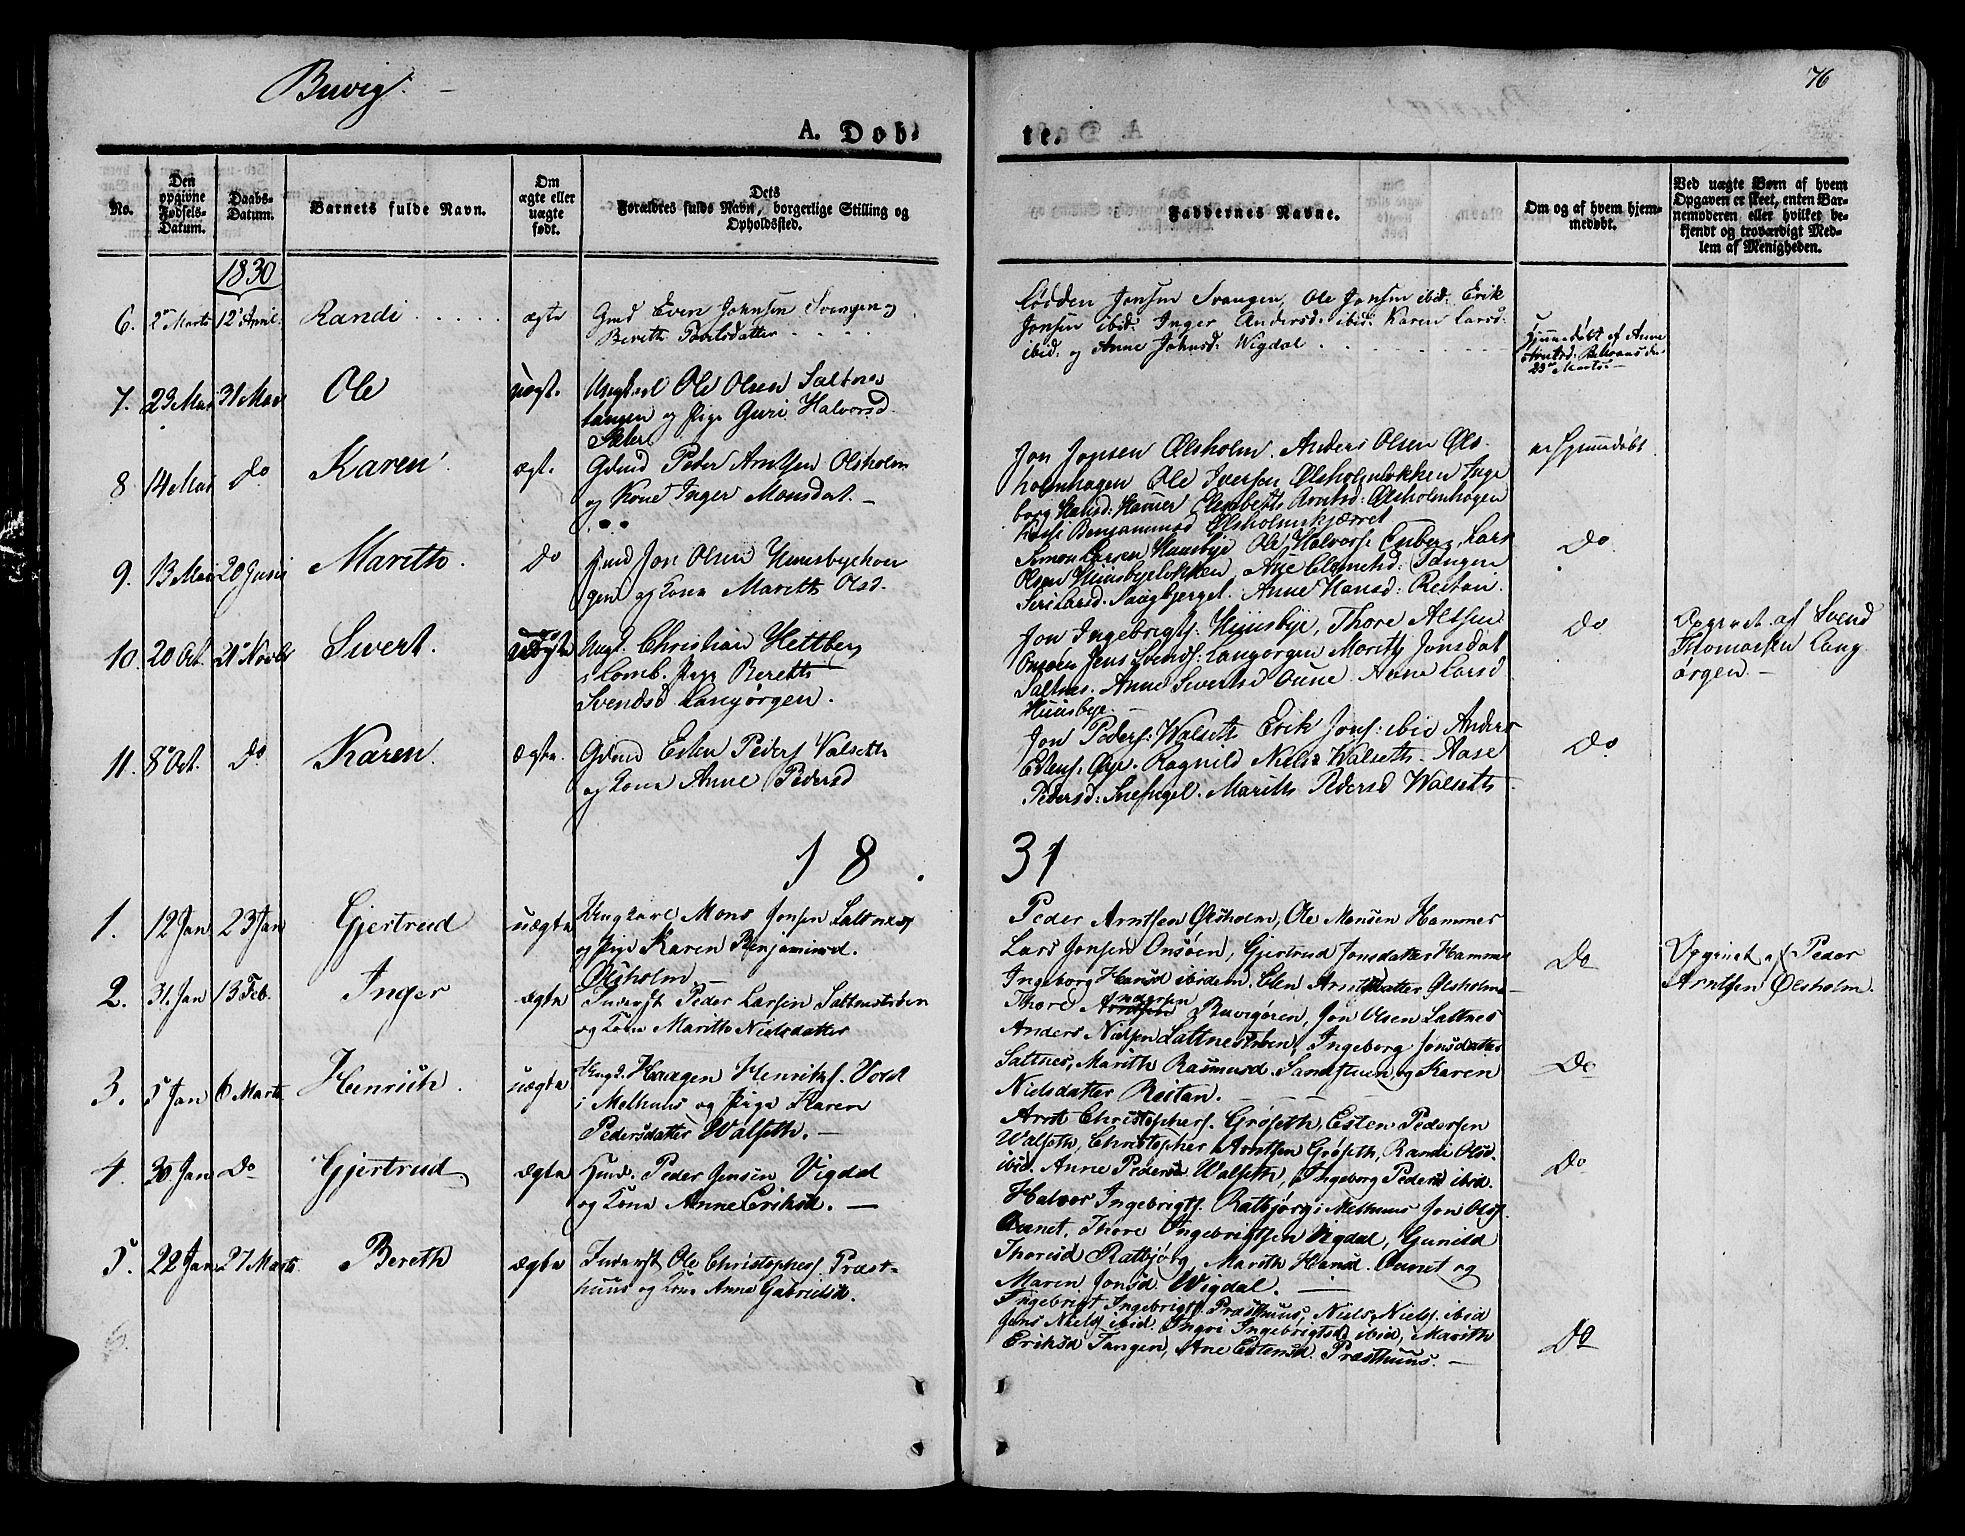 SAT, Ministerialprotokoller, klokkerbøker og fødselsregistre - Sør-Trøndelag, 612/L0375: Ministerialbok nr. 612A07 /2, 1829-1845, s. 76